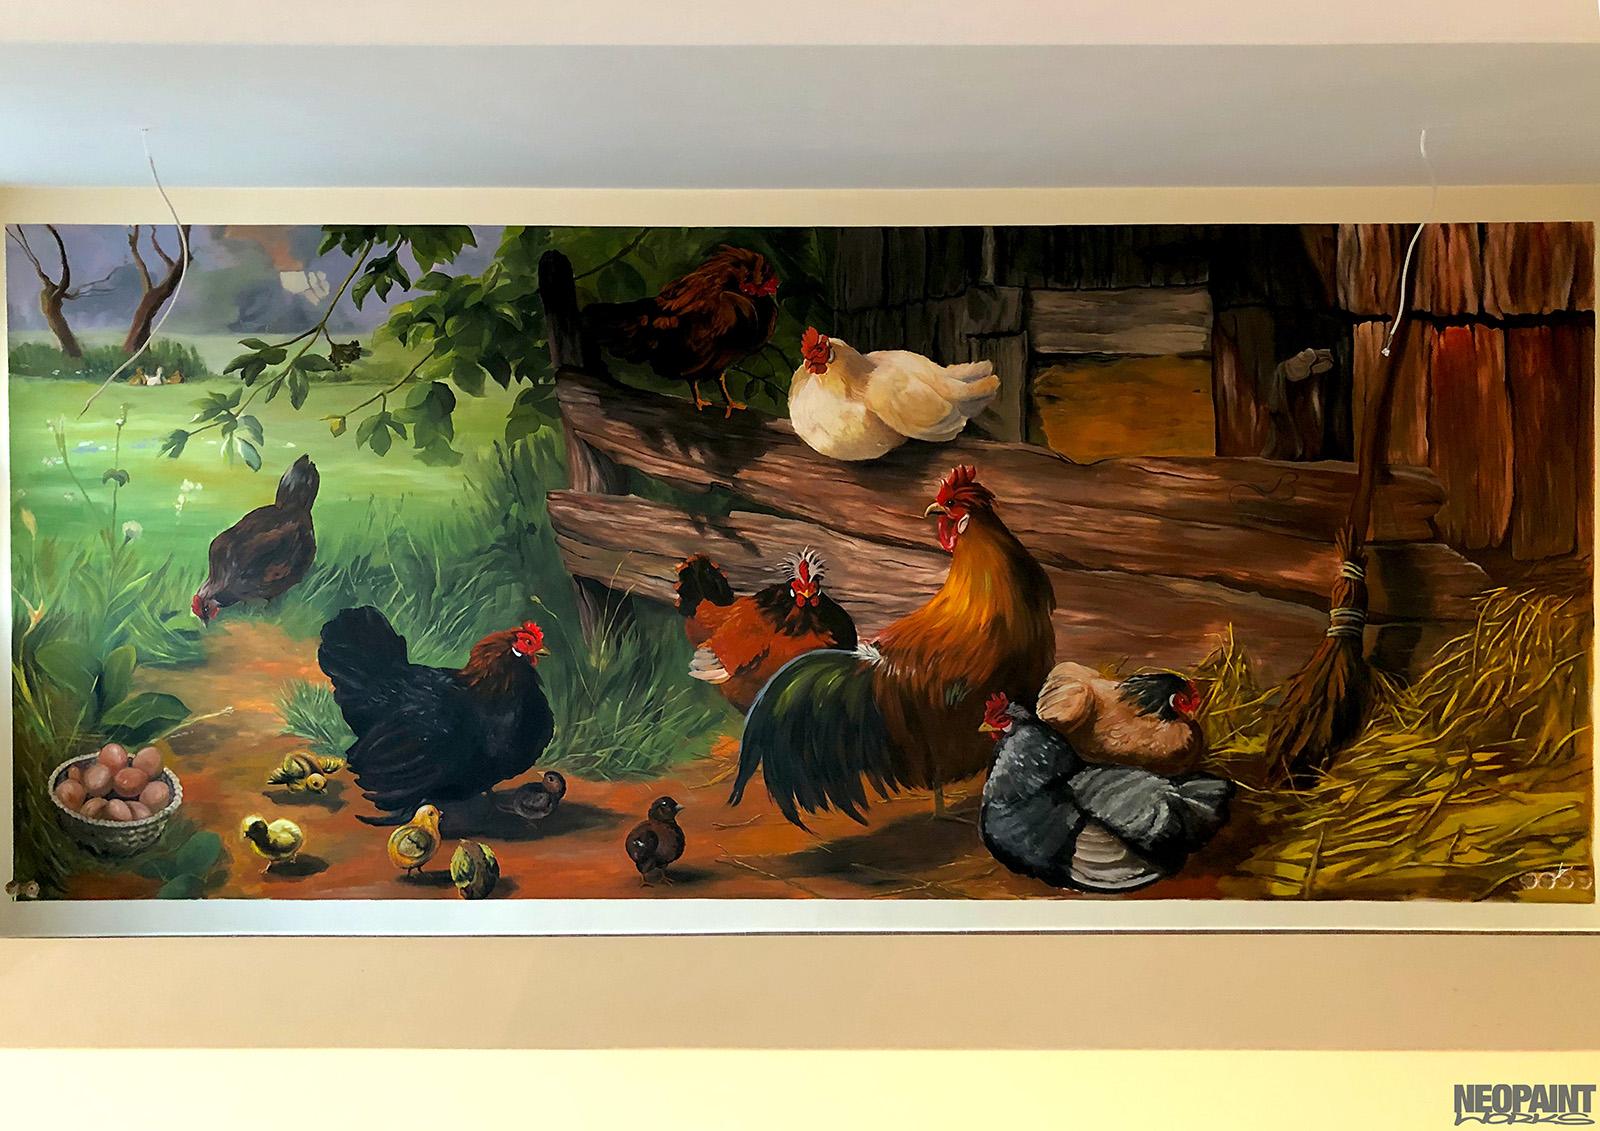 beltéri falfestmény - falfestő - freskó - tanya - csirke - neopaint works